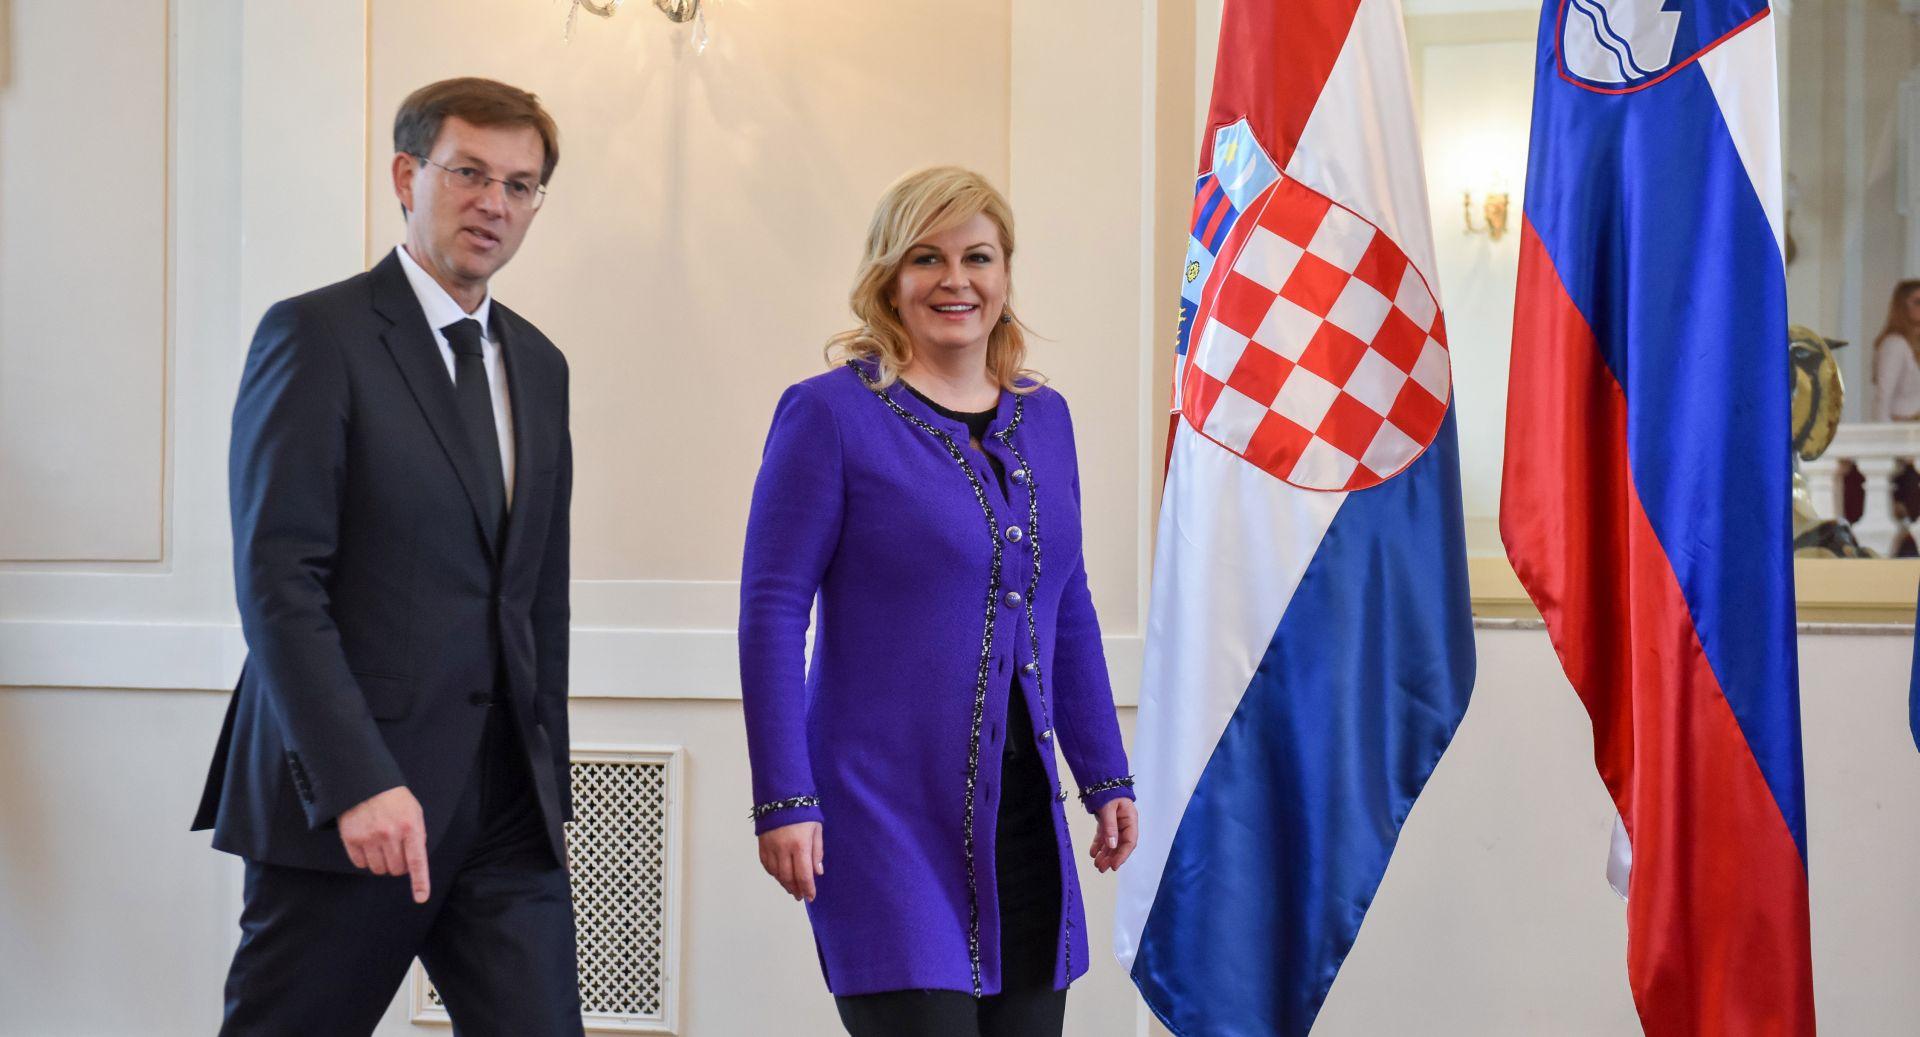 """Grabar-Kitarović i Cerar o otvorenim pitanjima, predsjednica ističe potrebu suradnje u EU nakon britanskog """"da"""" izlasku"""